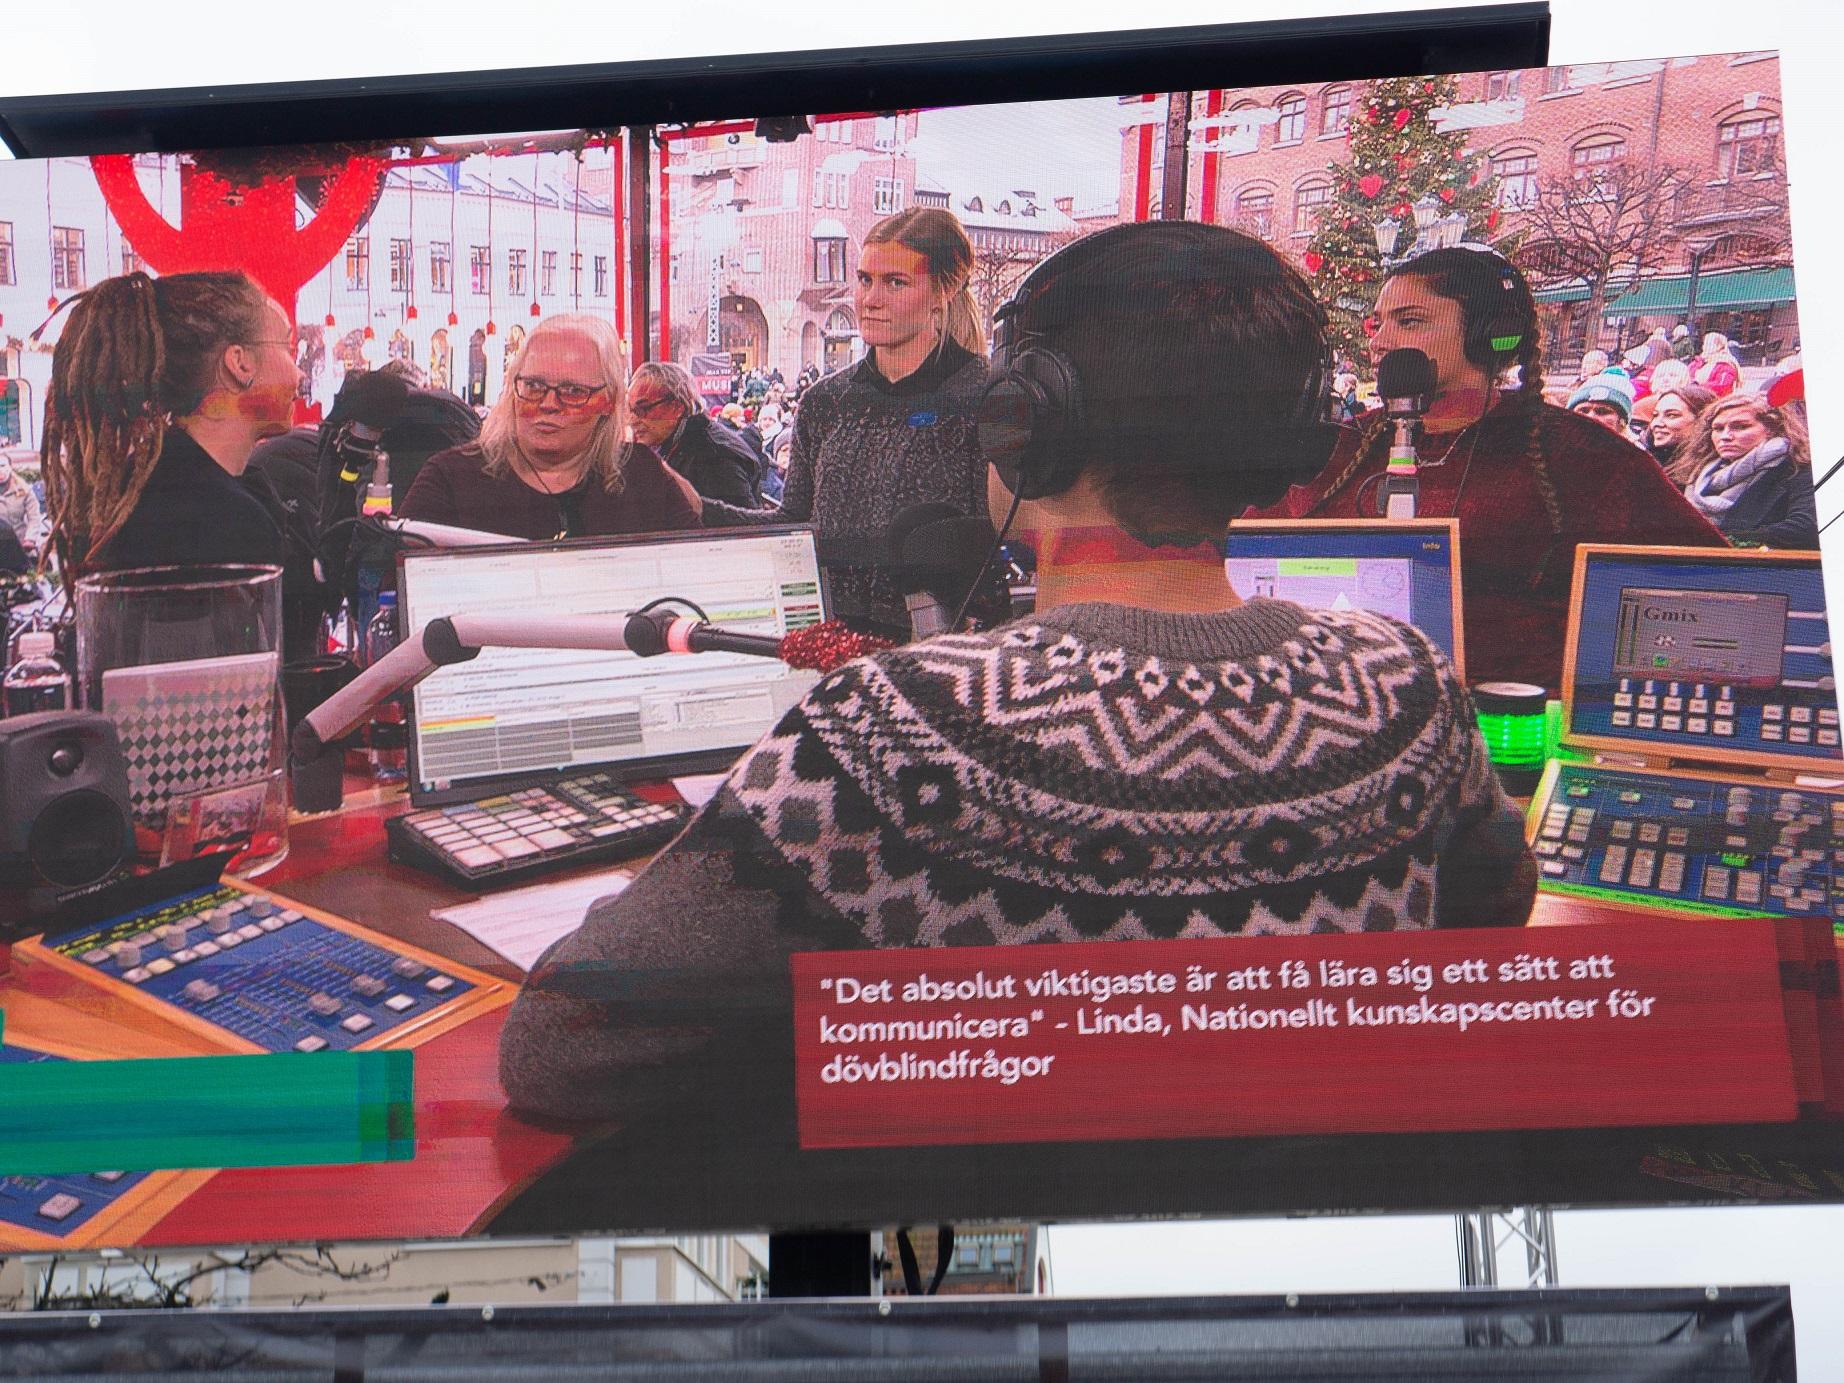 William i gråsvartvit islandströja ses bakifrpn. Till höger i bild Fara och rakt fram Linda omgiven av tolkarna Sara, till vänster och Julia till höger. Genom fönstret syns julgranen på Stortorget